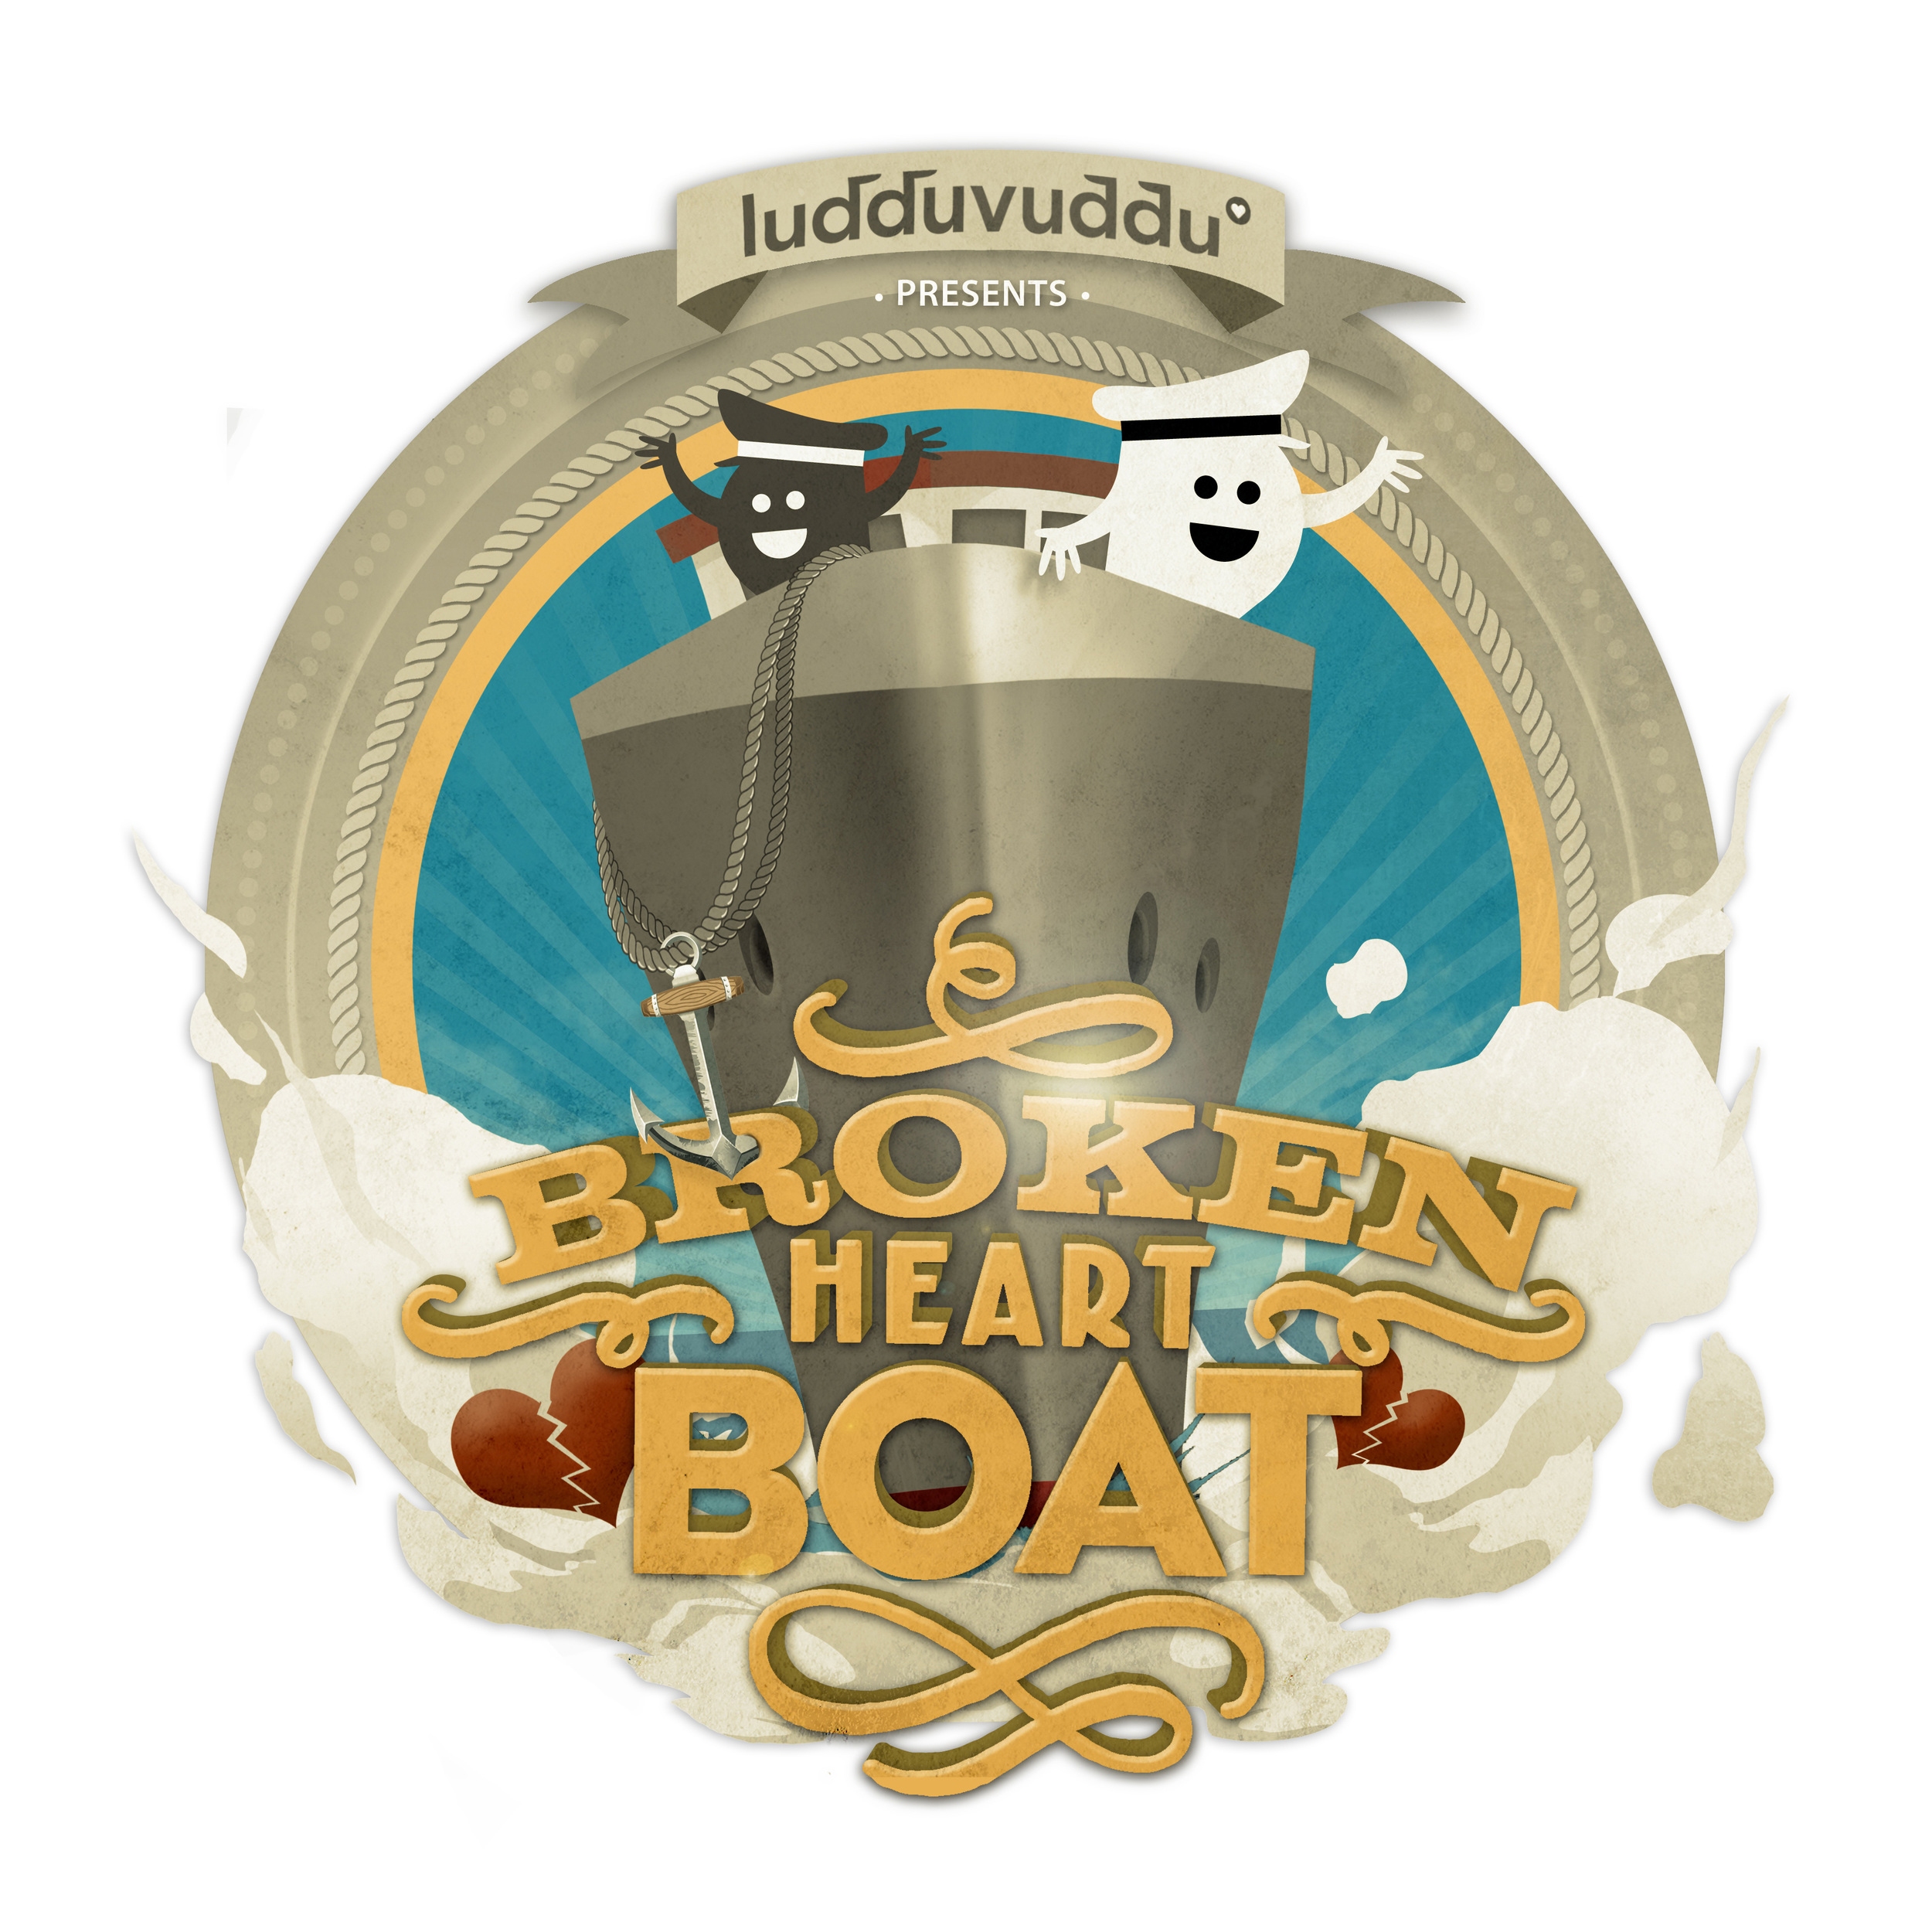 Ludduvuddu_Broken_Heart_Boat_logo.jpg